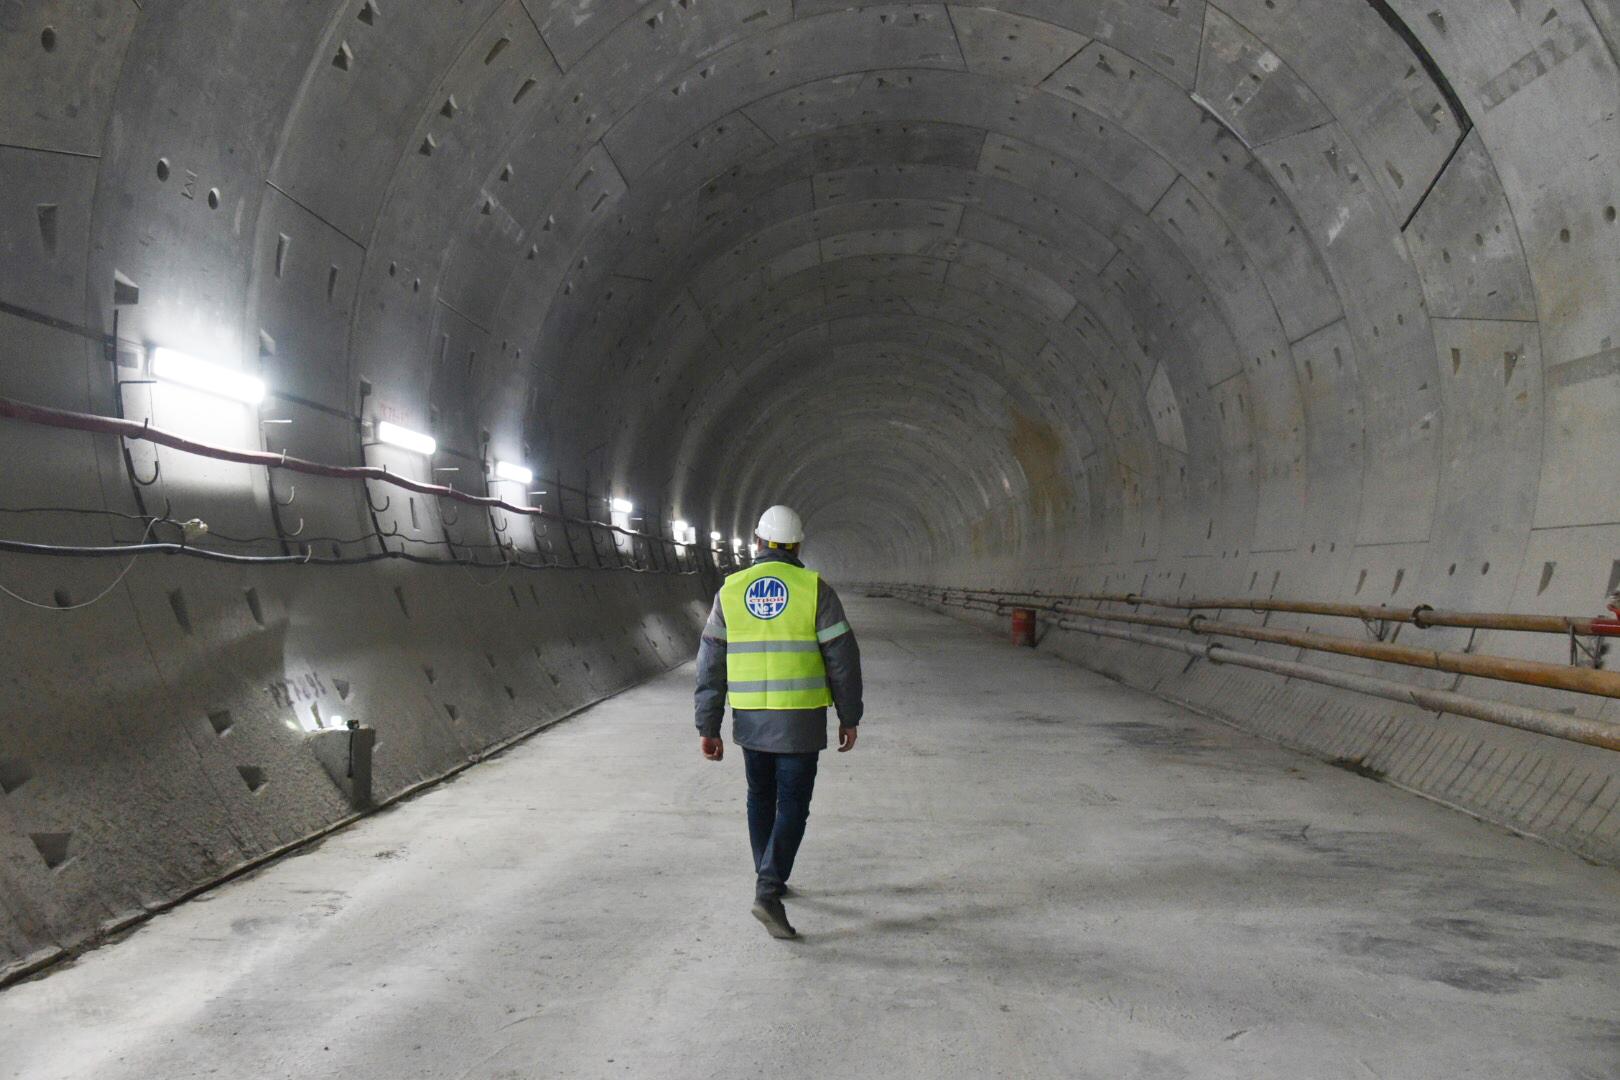 Южный участок БКЛ в Москве достроили на 60 процентов